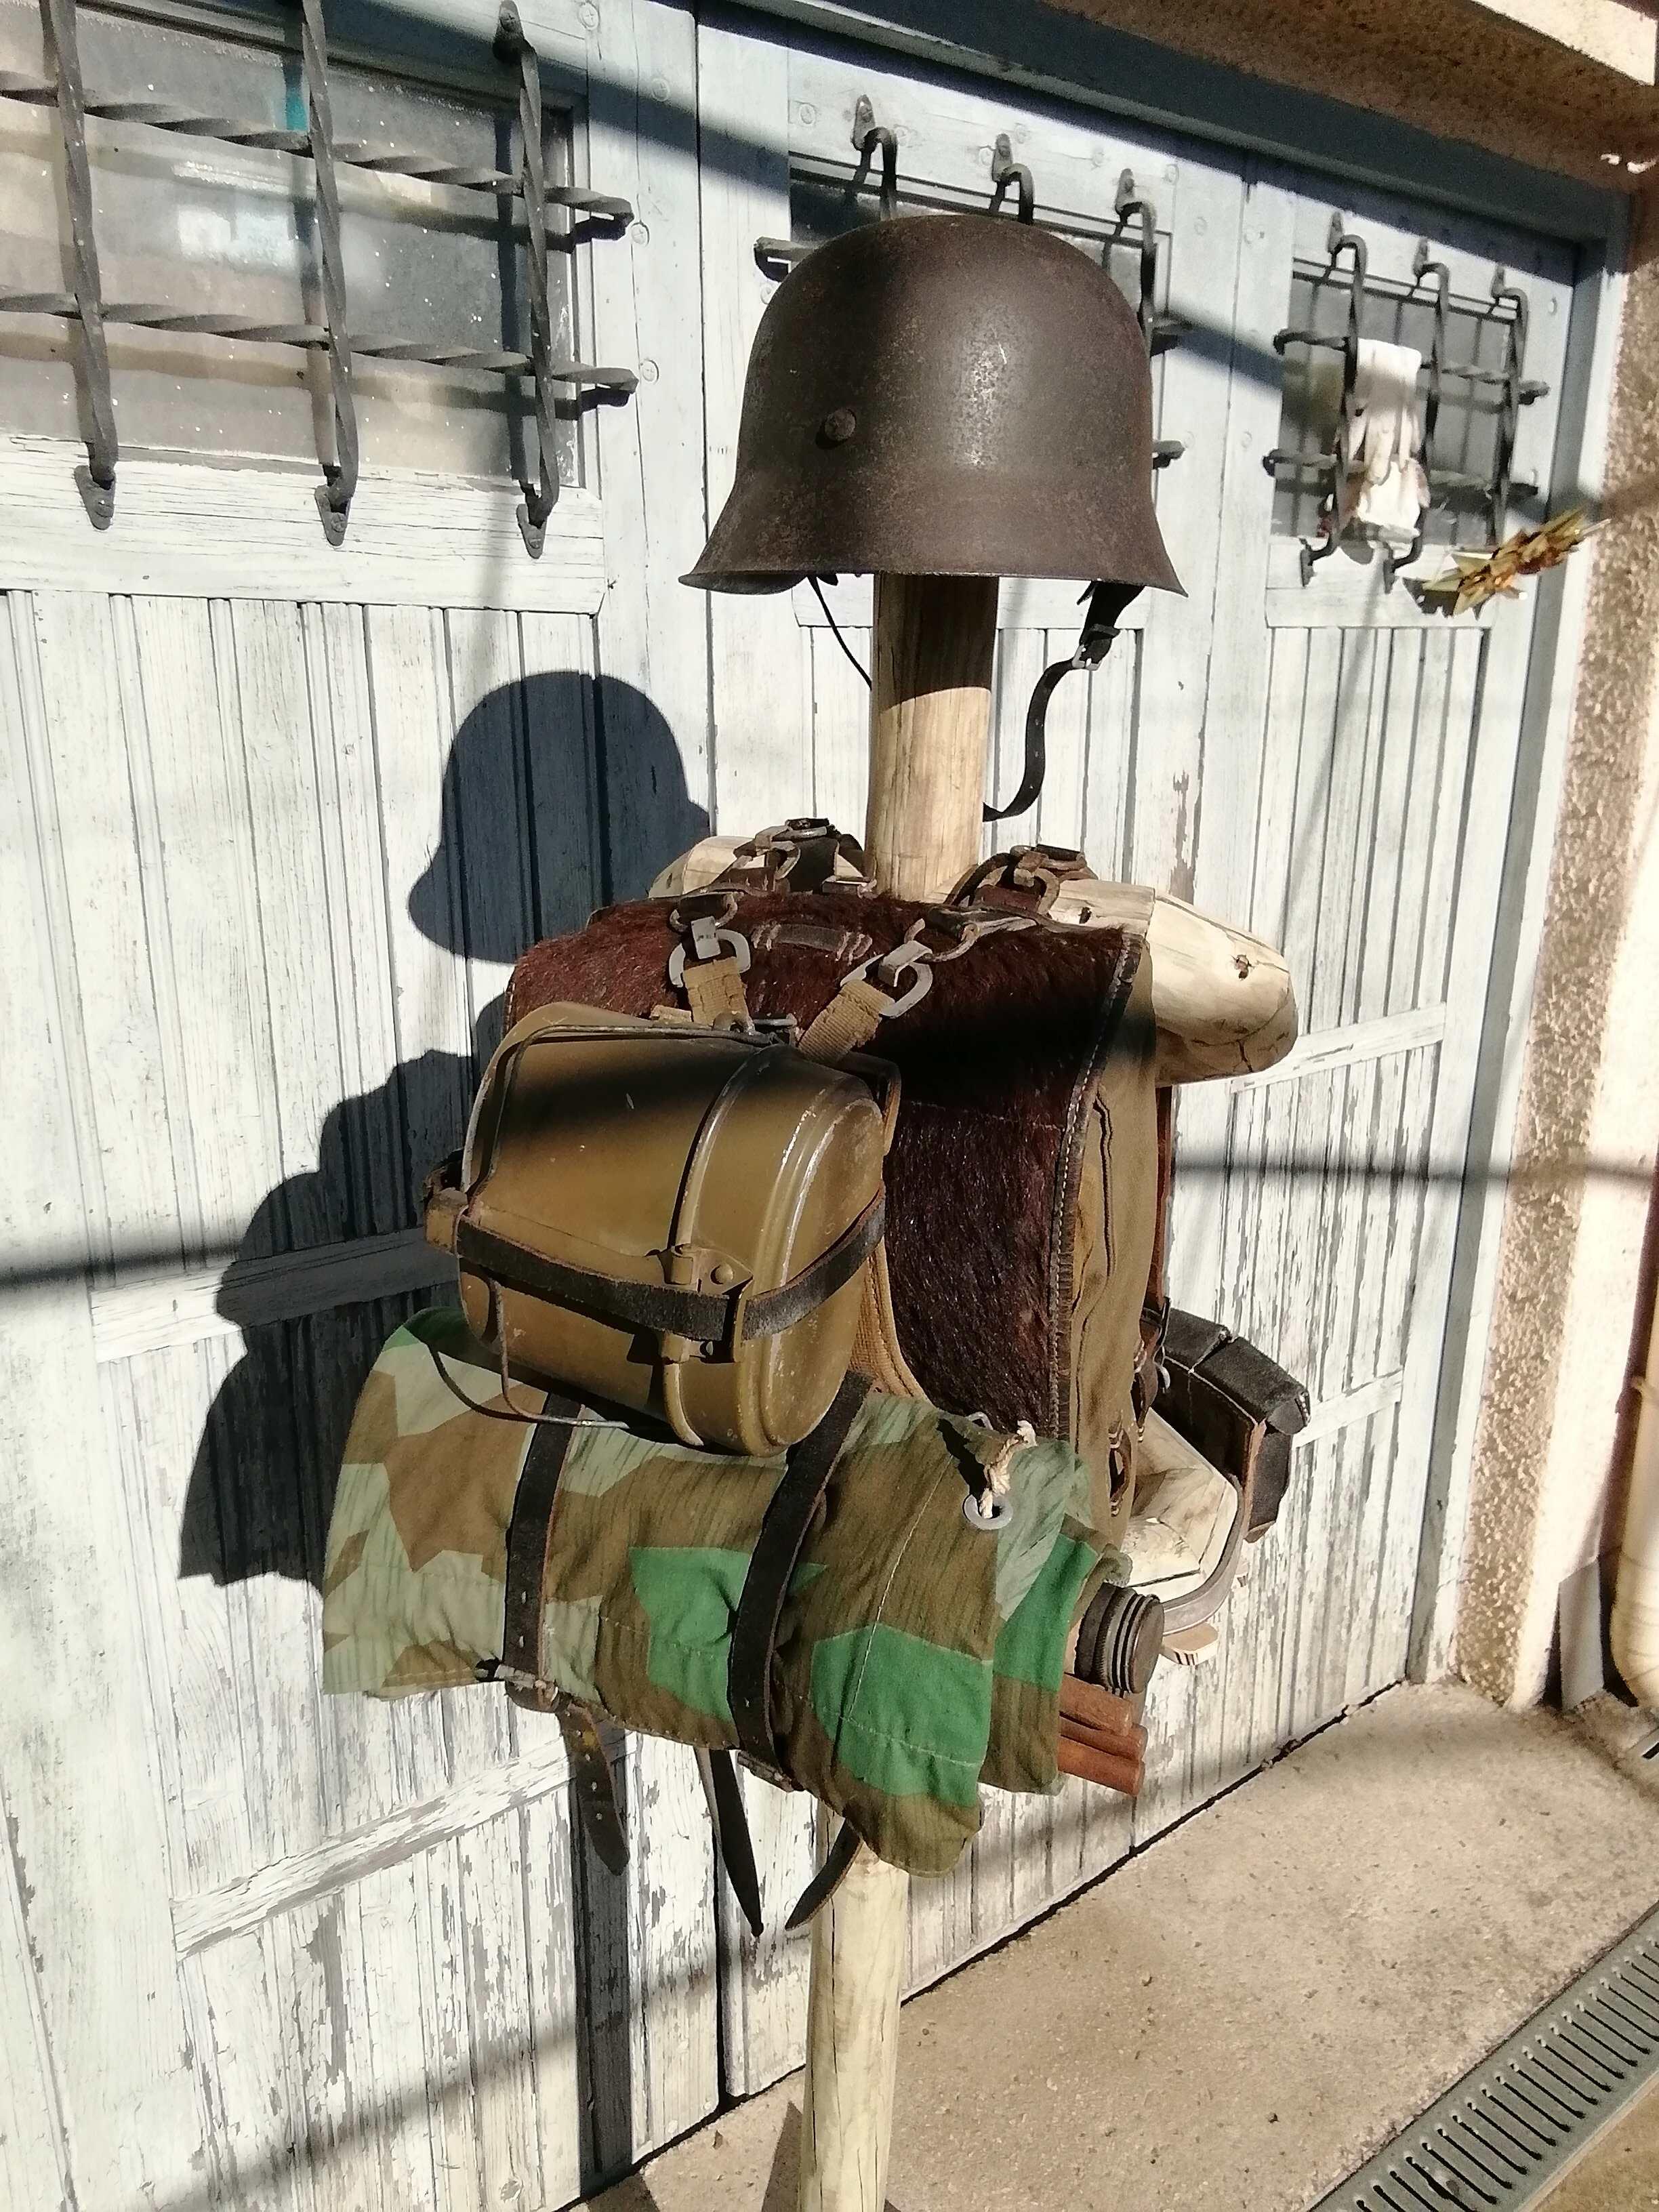 Équipements de mon fantassin de la wehrmacht  Img_2837